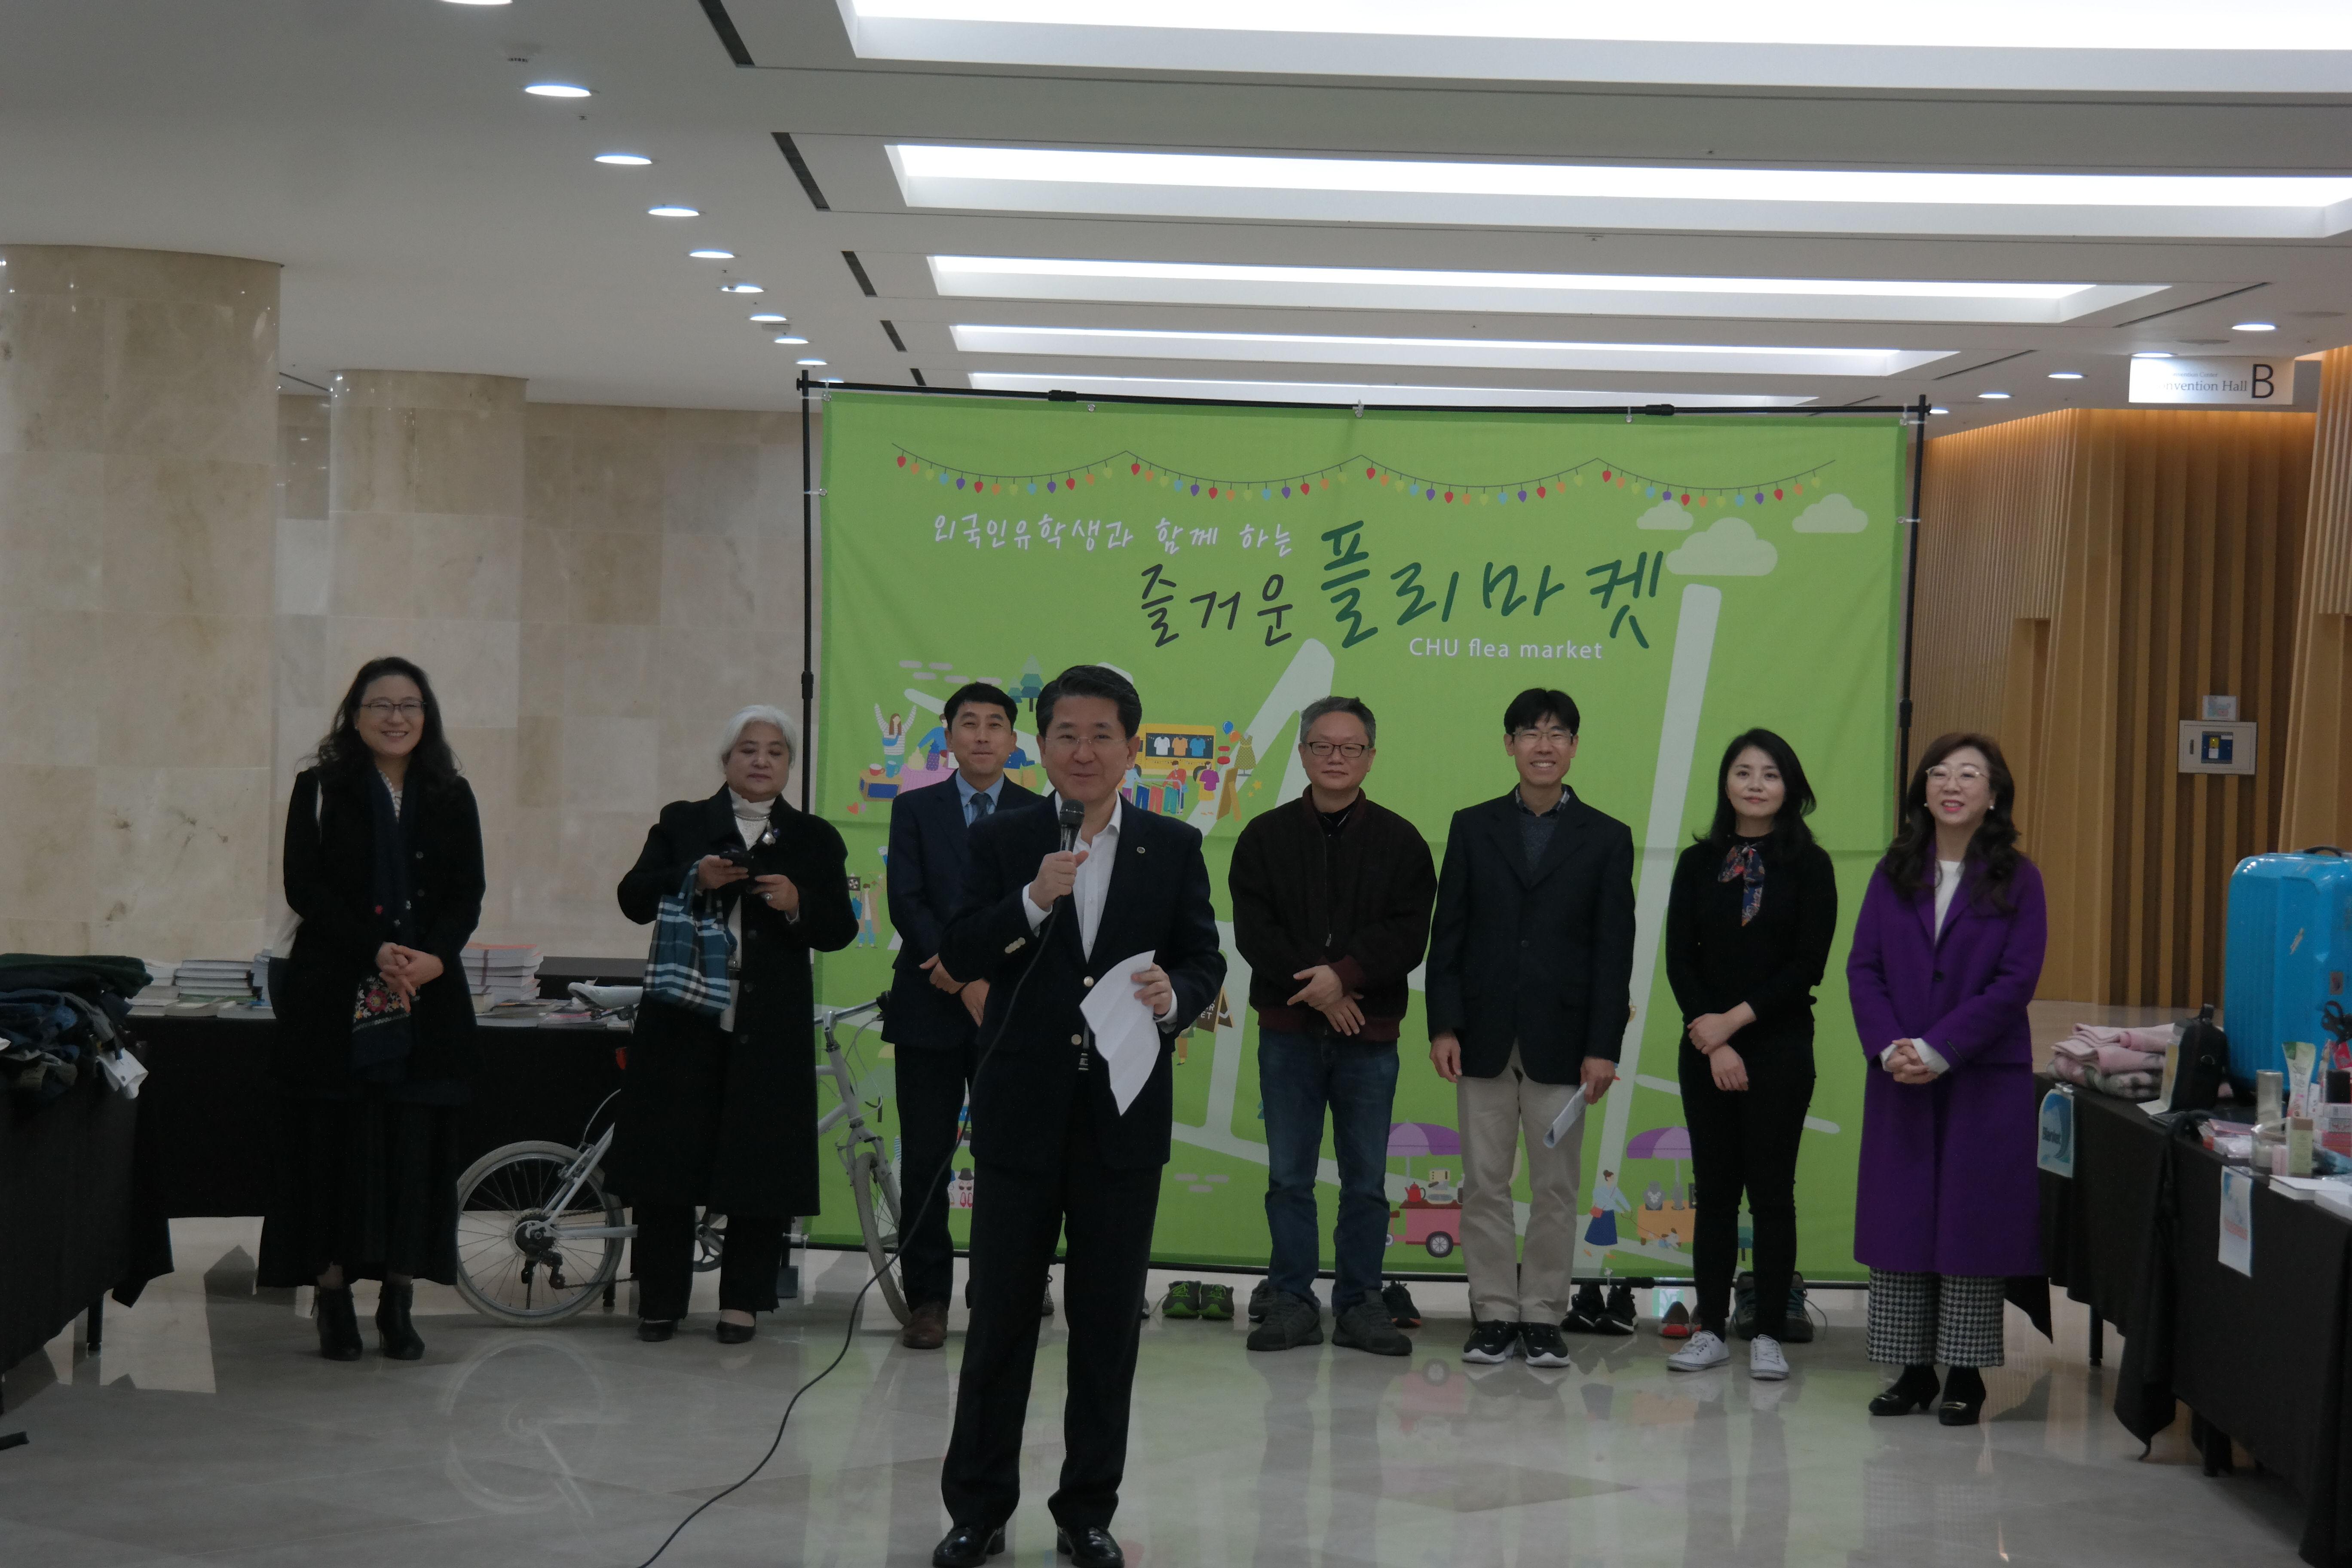 2019년 제주한라대학교 글로벌 플리마켓 개최1